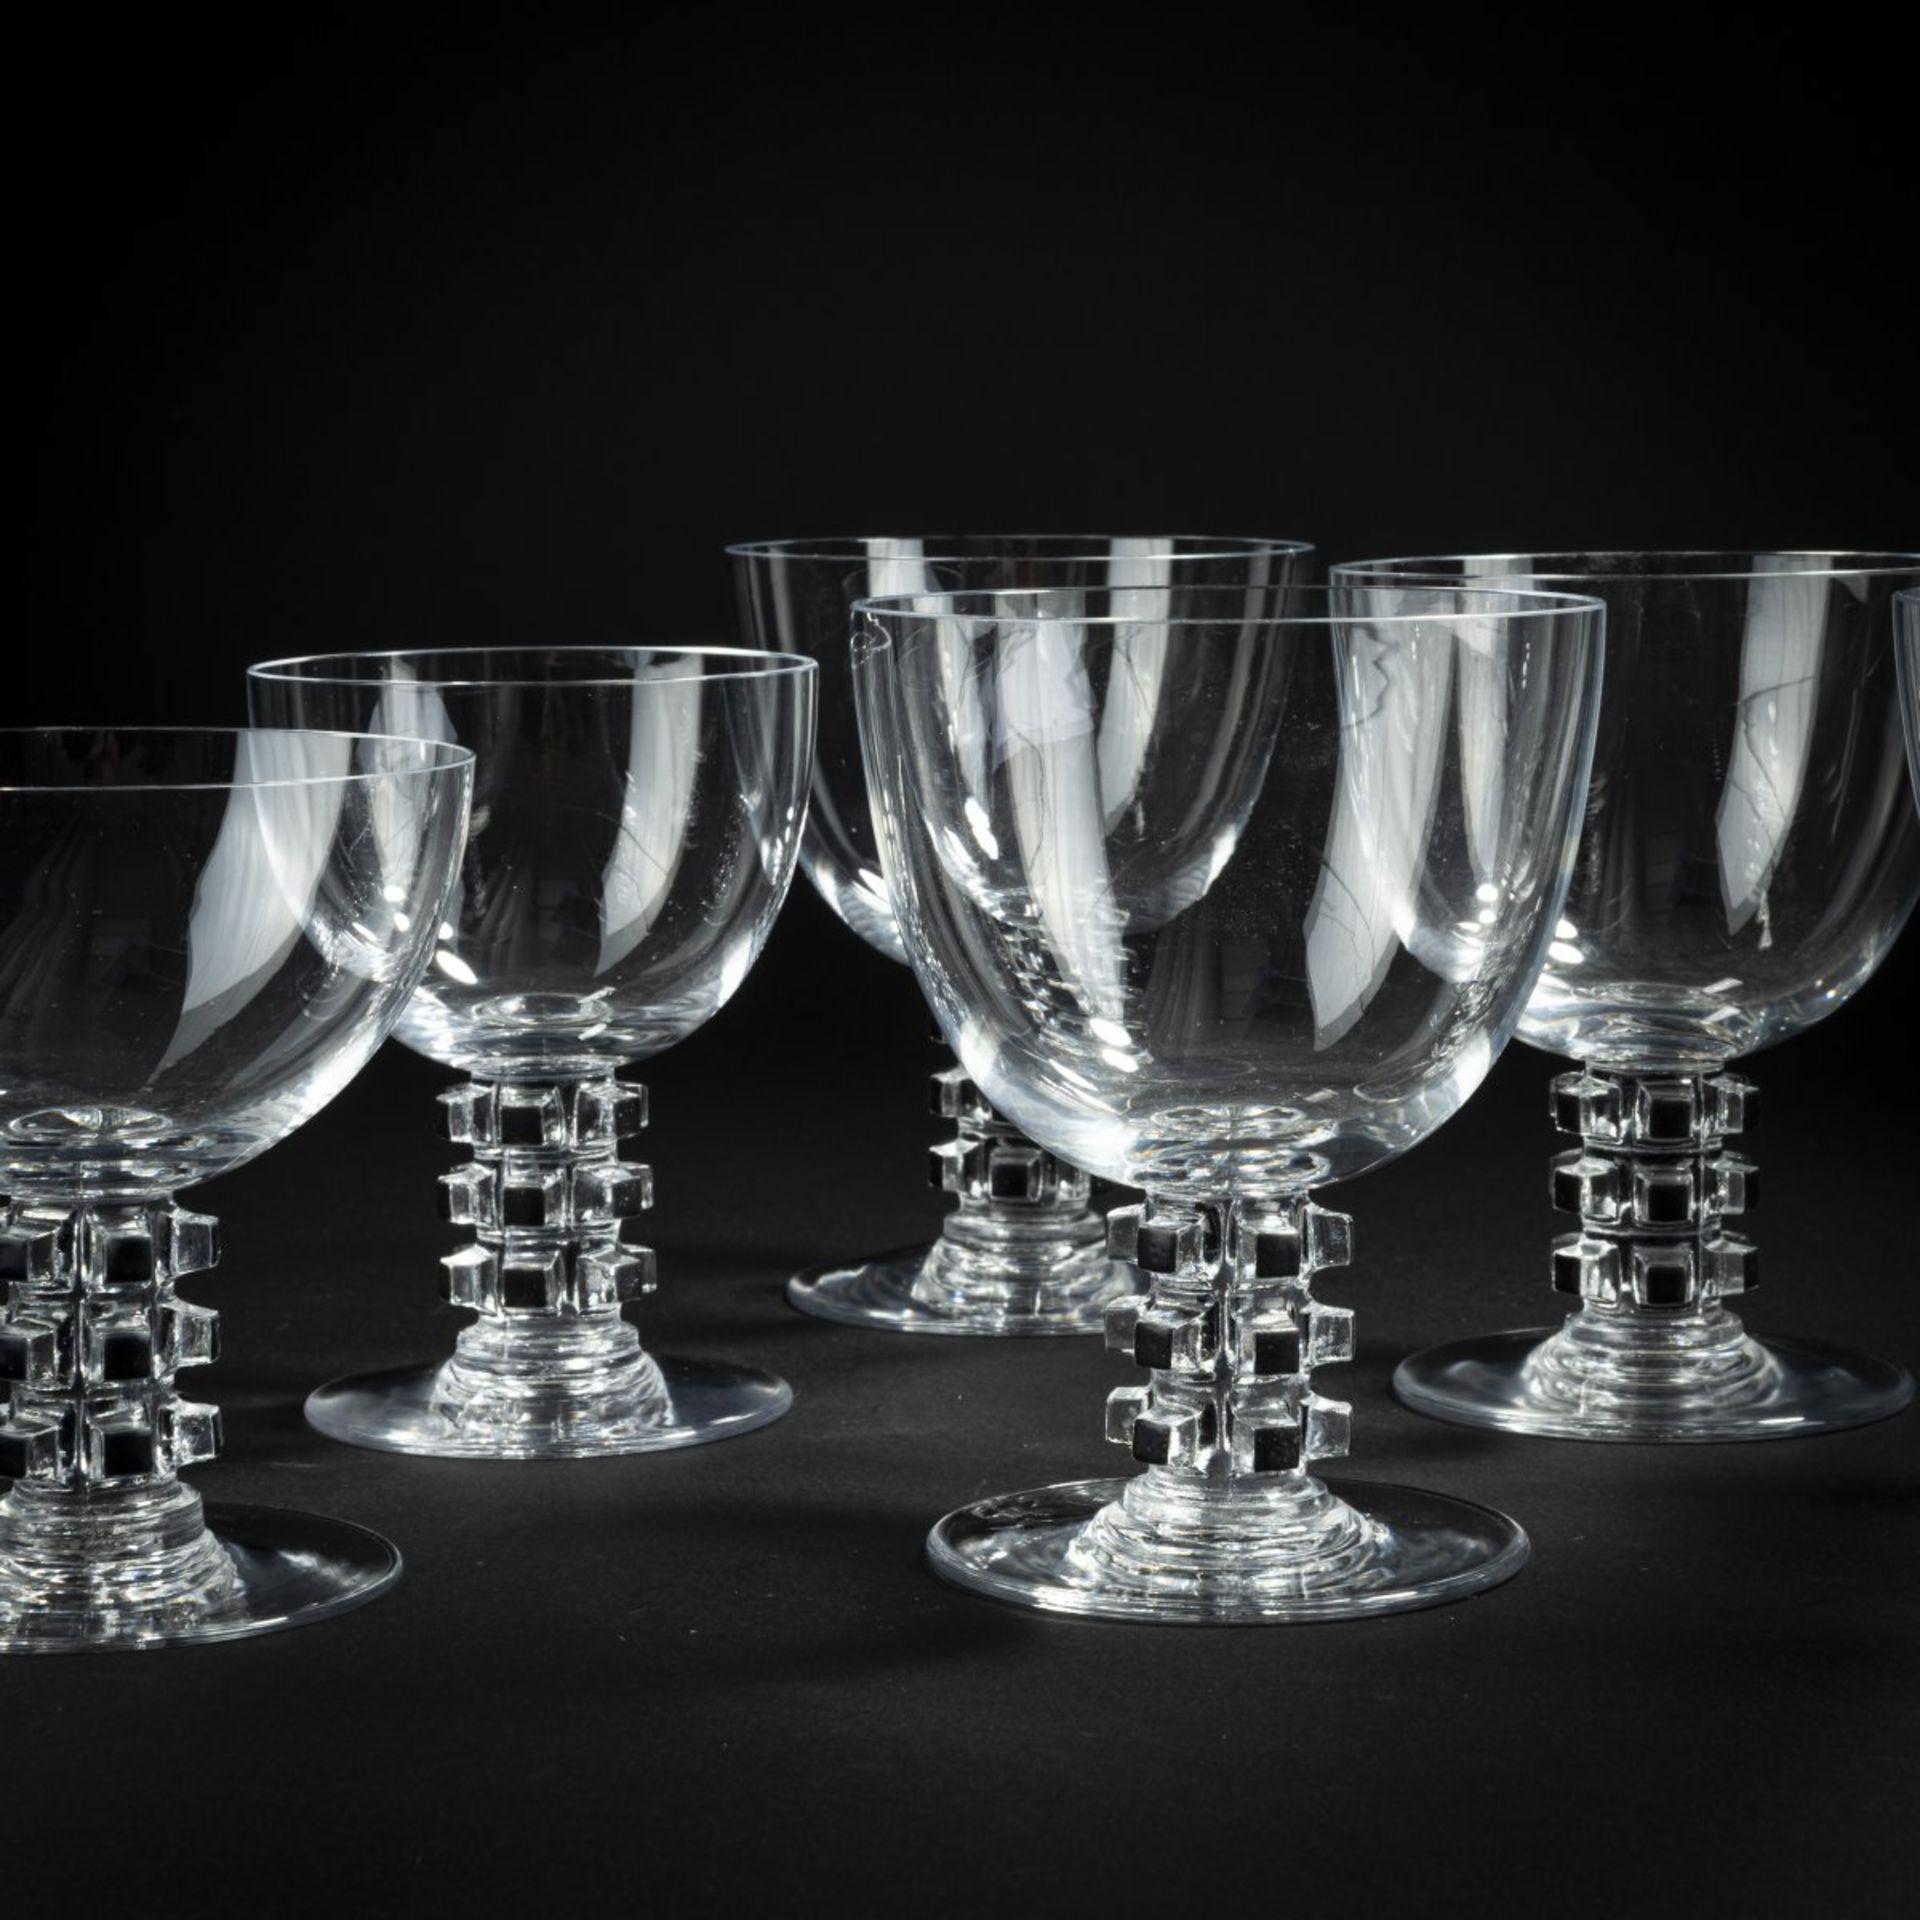 René Lalique, Sechs Gläser aus dem Service 'Unawihr', 1926 - Bild 3 aus 4